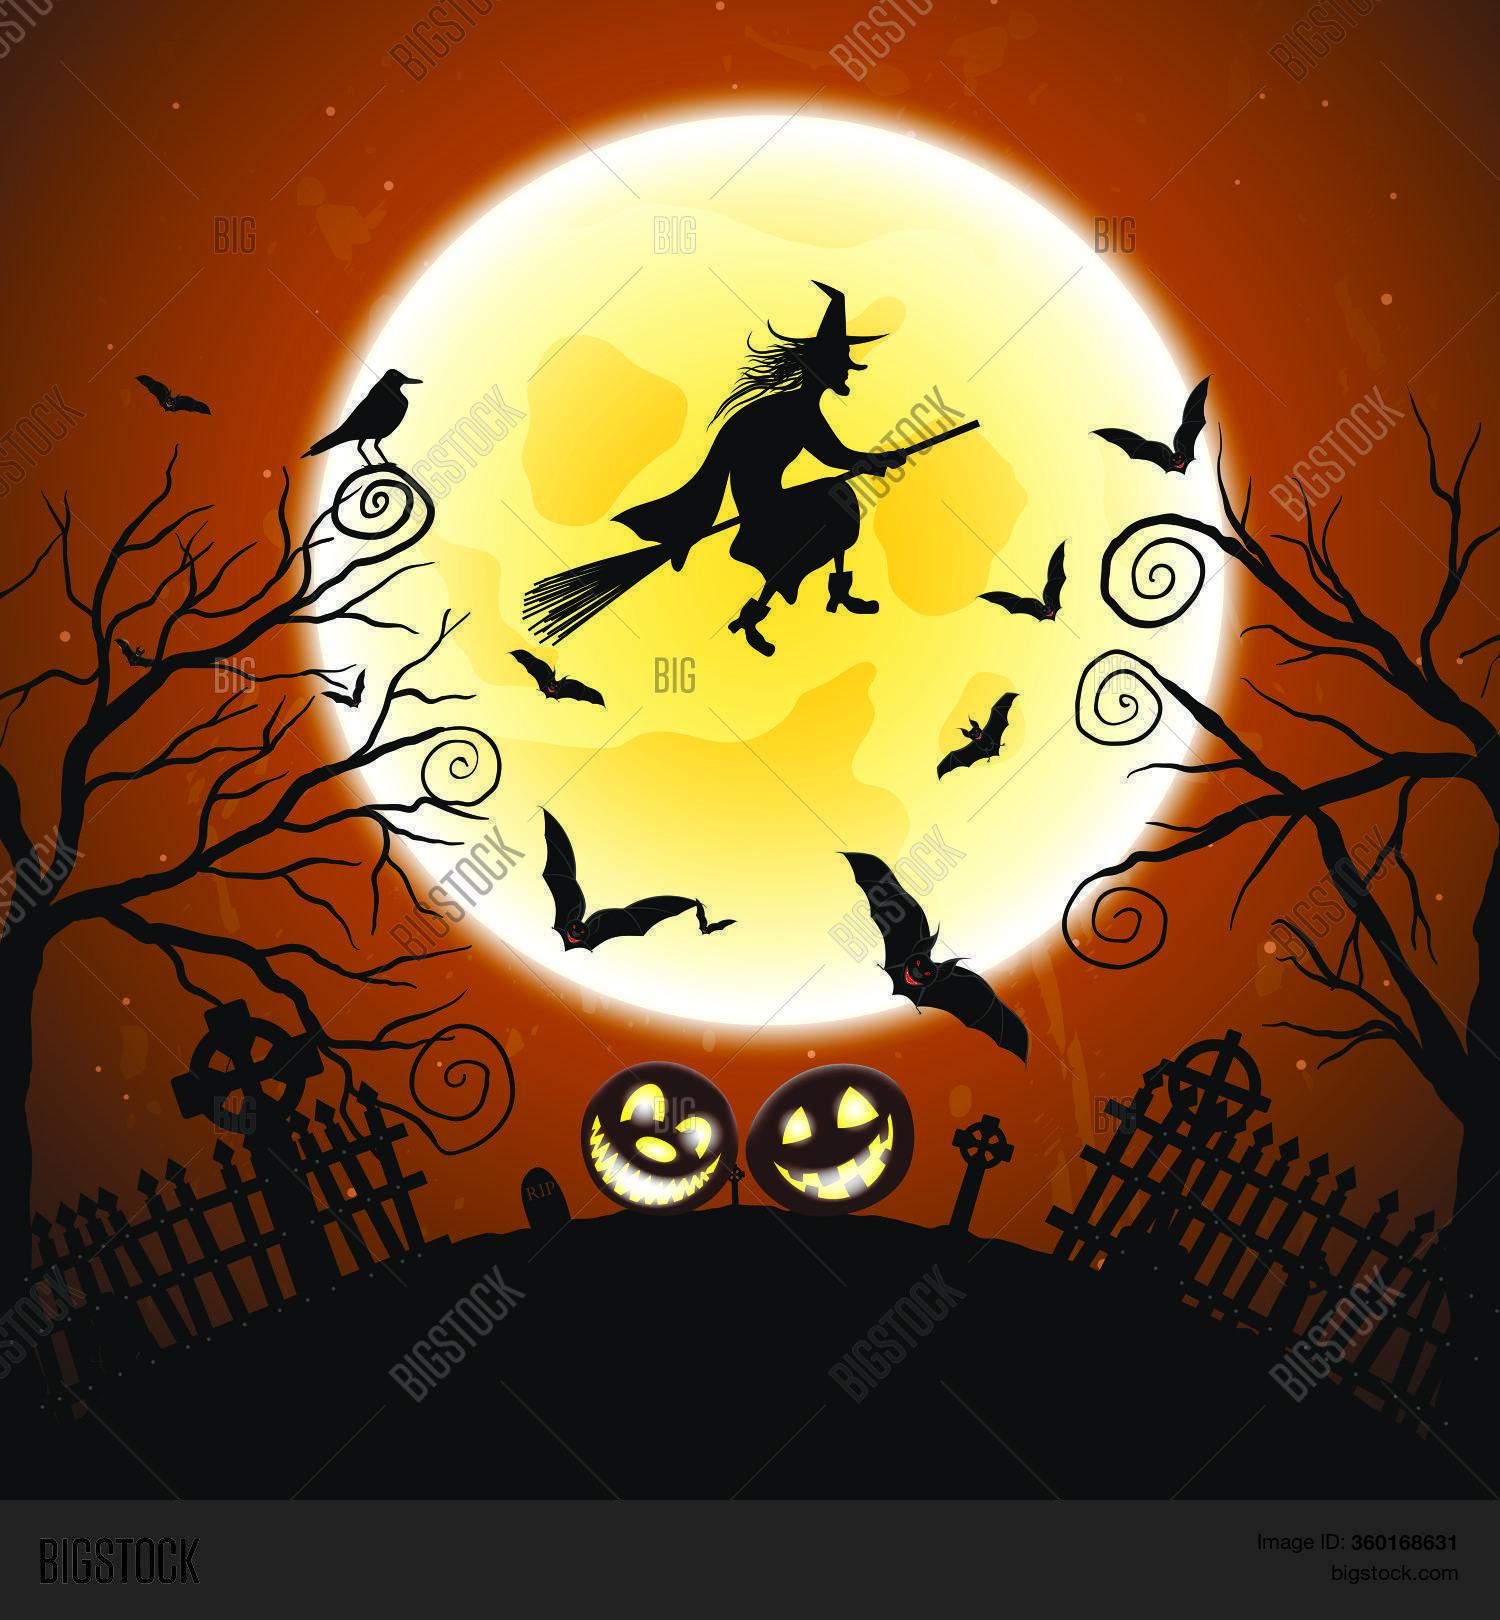 Ensemble De Barriere De Halloween Vecteurs Libres De Droits Et Plus D Images Vectorielles De Arbre Istock